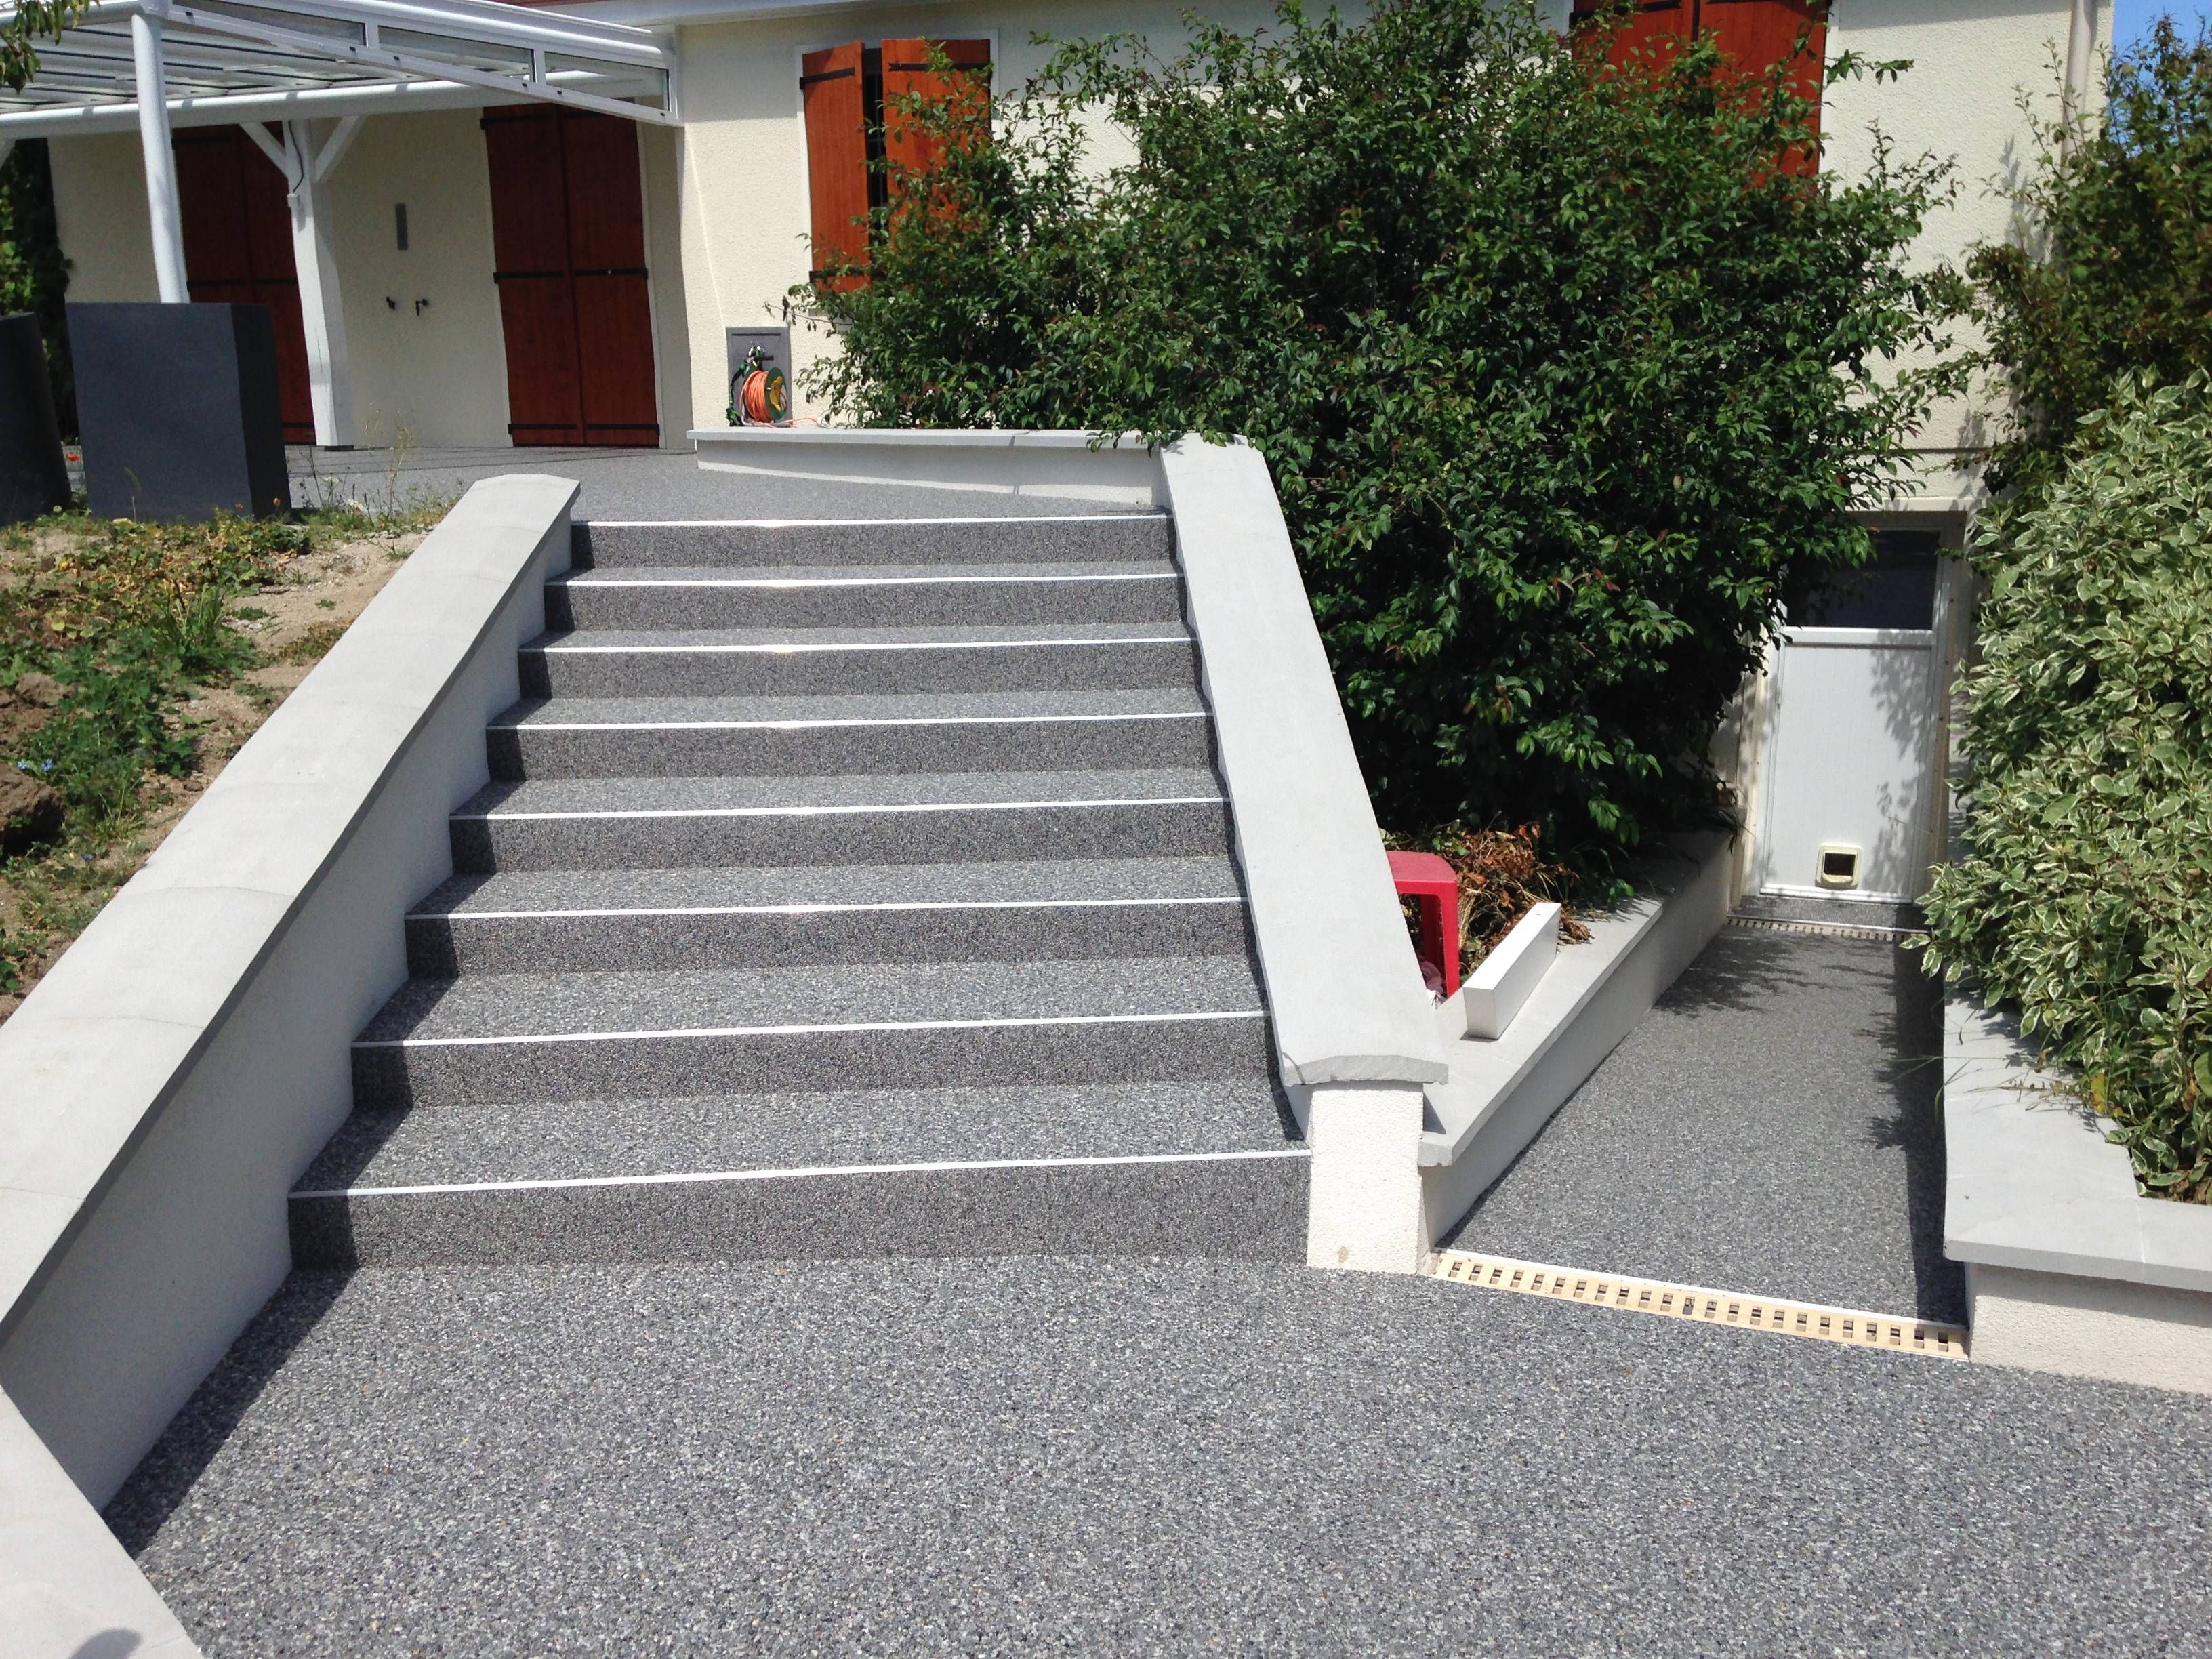 Revetement Escalier Exterieur 10 Revetements De Sol En Resine Faites Vous Votre Propre En 2020 Revetement Escalier Escalier Exterieur Escalier